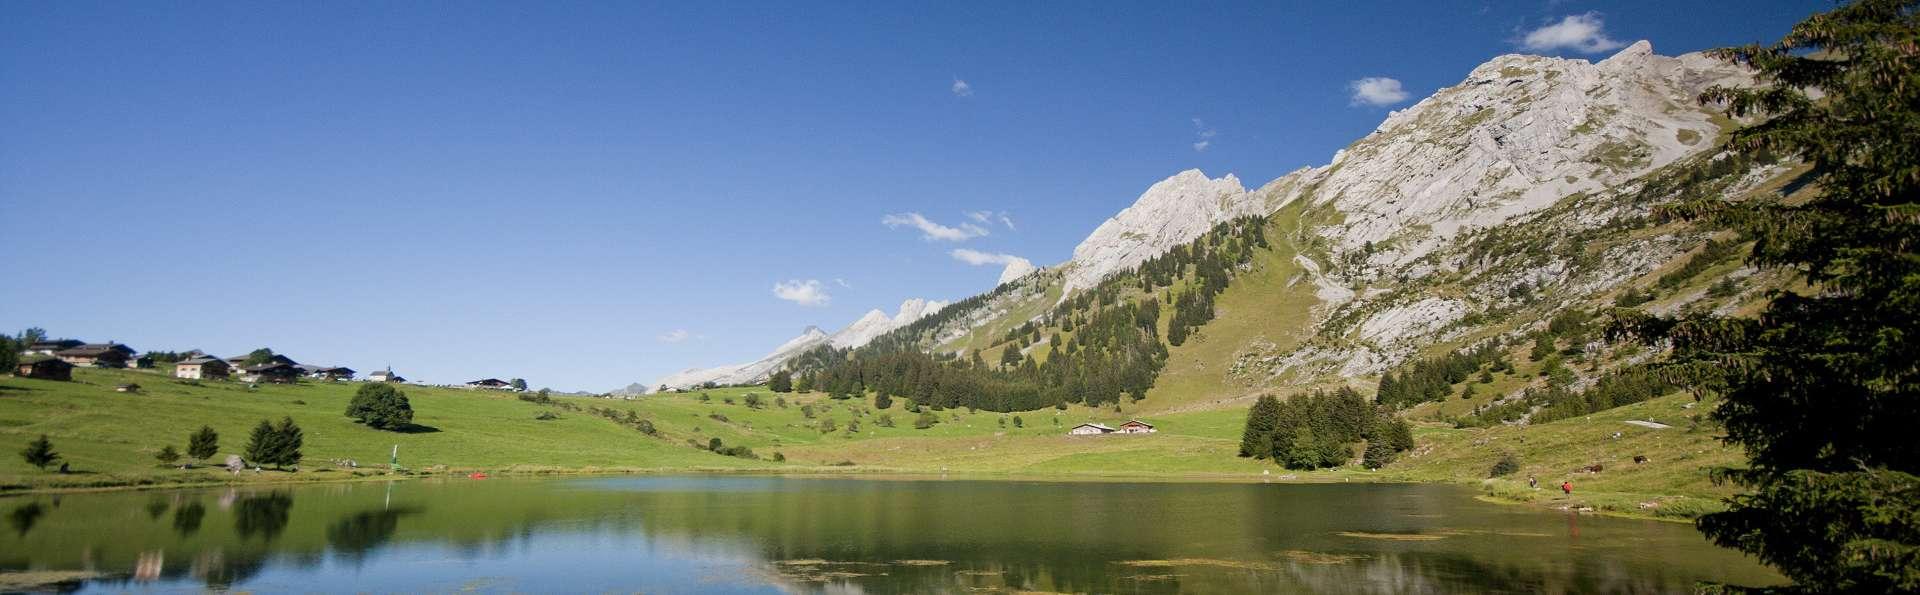 Hôtel Alpen Roc - La Clusaz - lacconfins.jpg